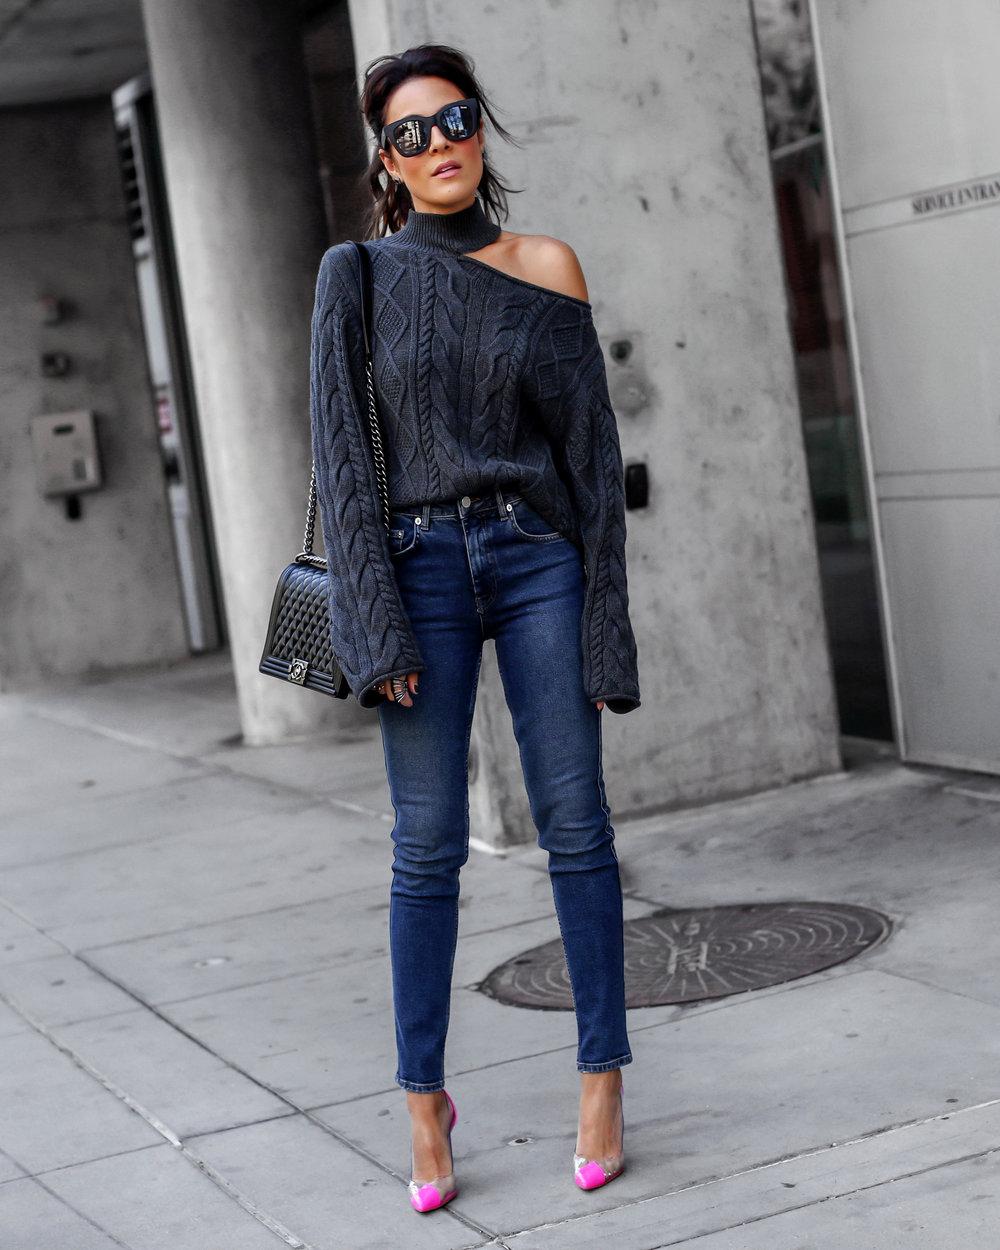 81f283b359d Brunette Woman in RTA Cutout Sweater Anine Bing Jeans.jpg